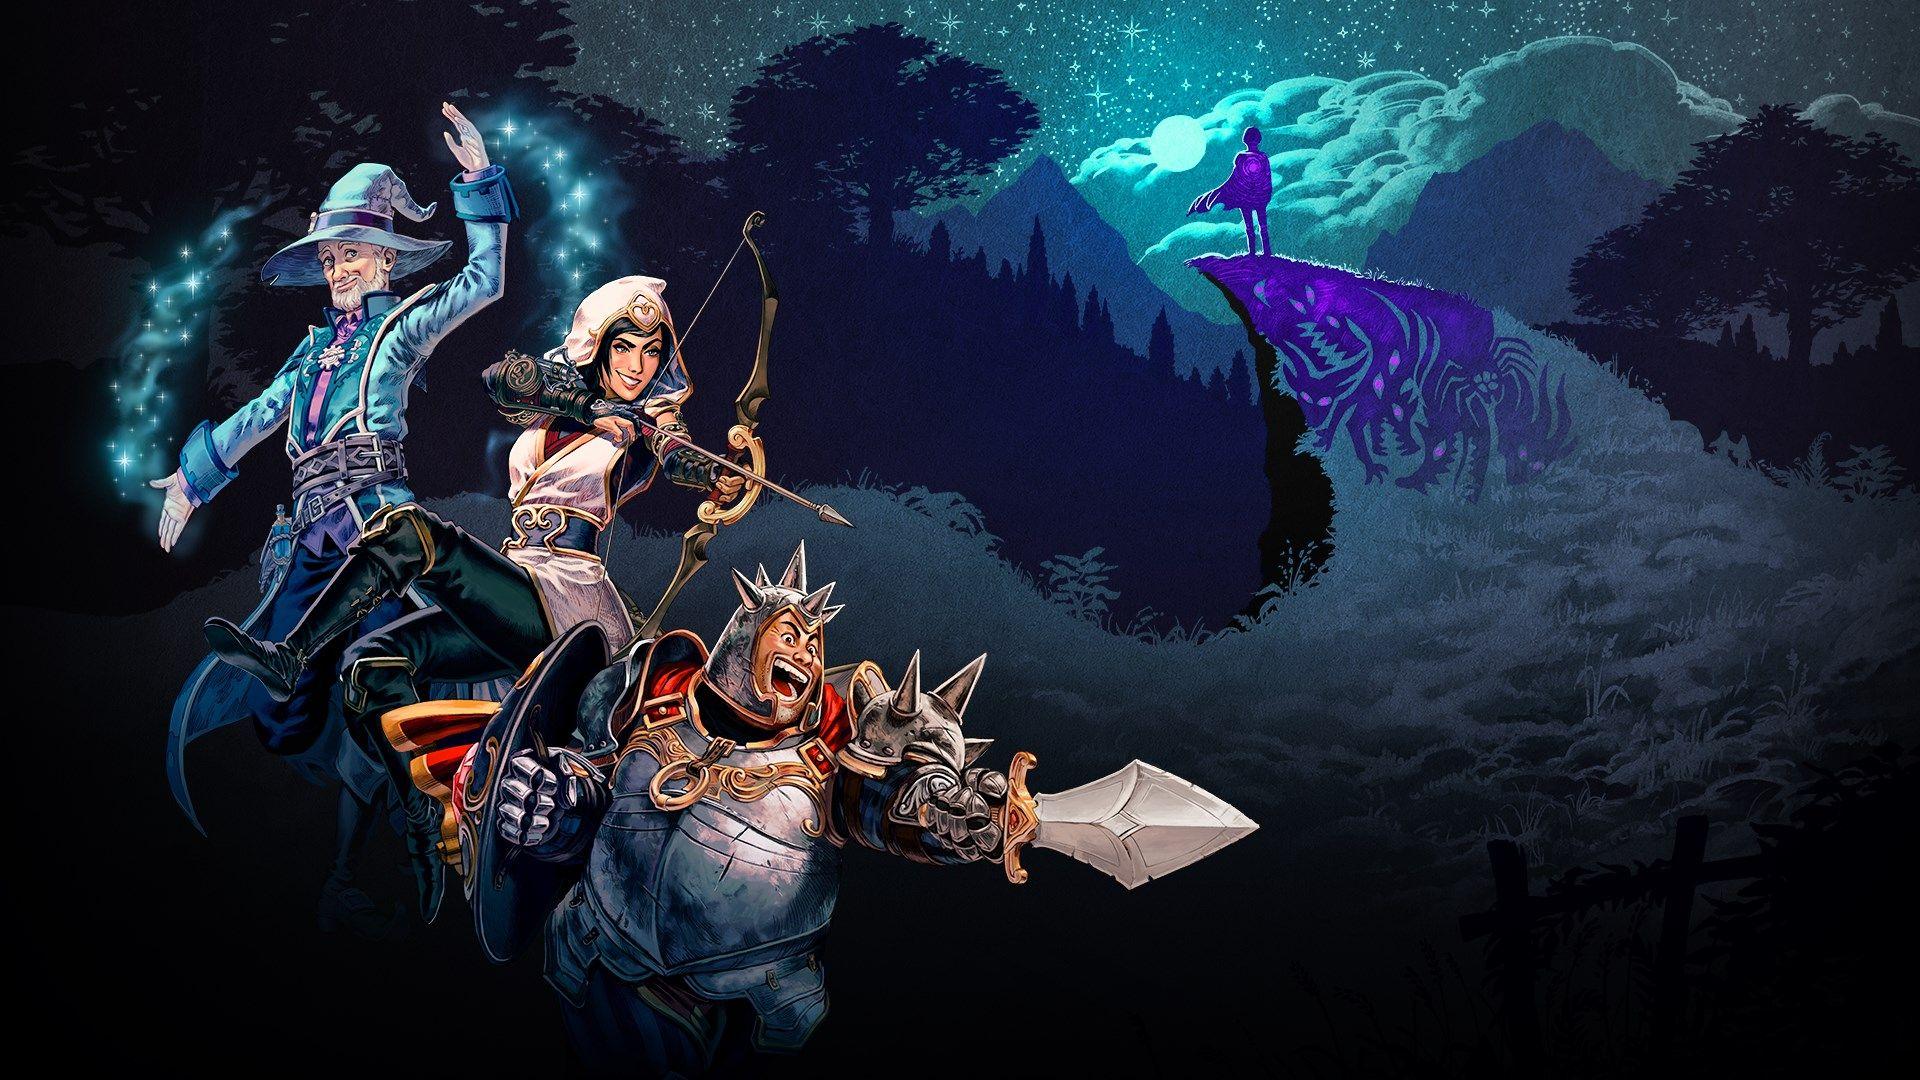 [Gold] Trine 4: The Nightmare Prince offert sur Xbox One (dématérialisé, storeJapon)